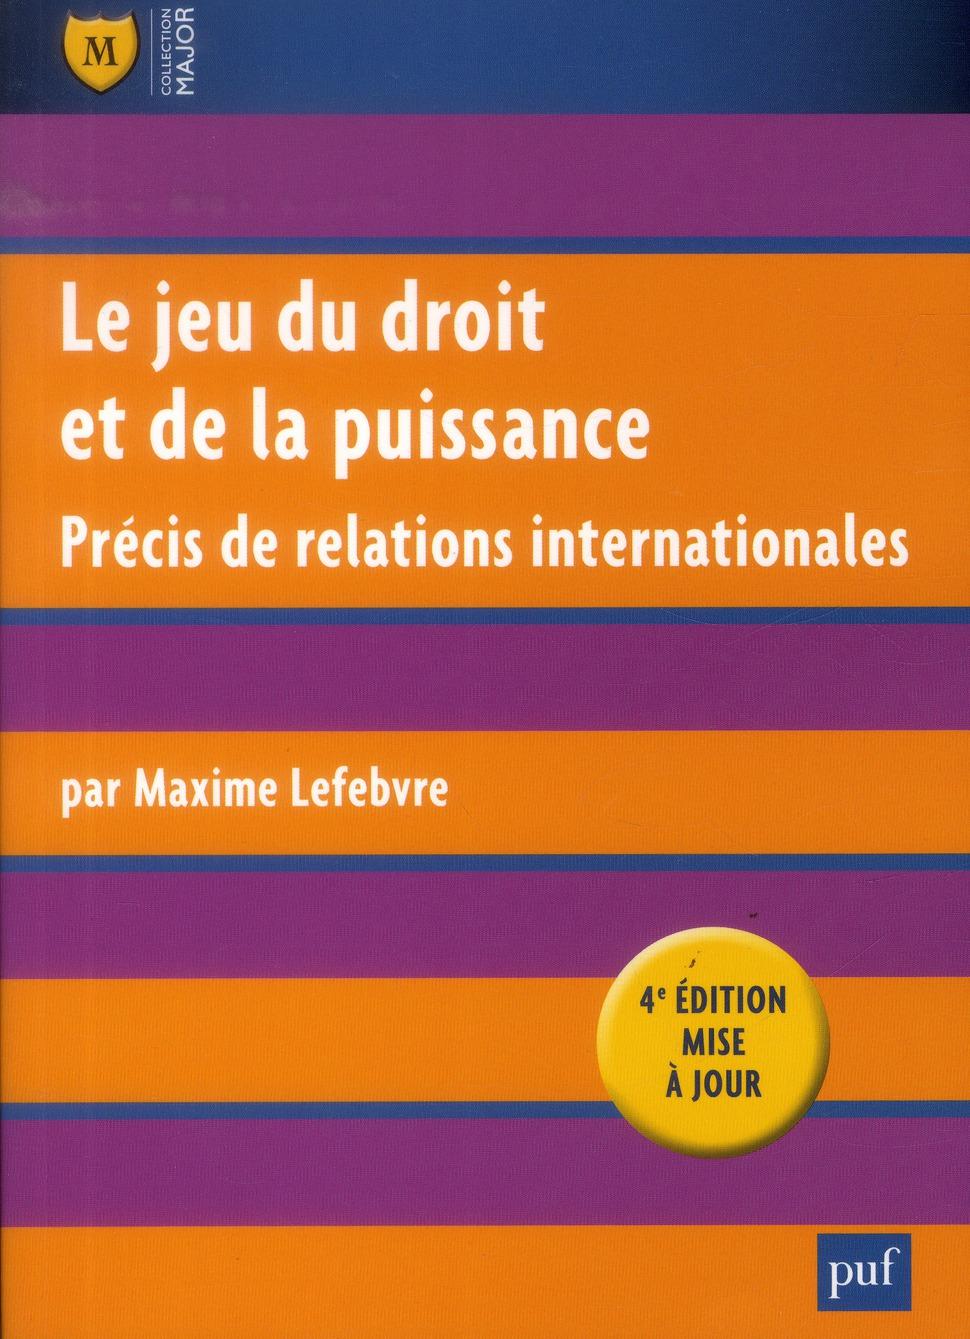 JEU DU DROIT ET DE LA PUISSANCE (4ED) (LE) - PRECIS DE RELATIONS INTERNATIONALES